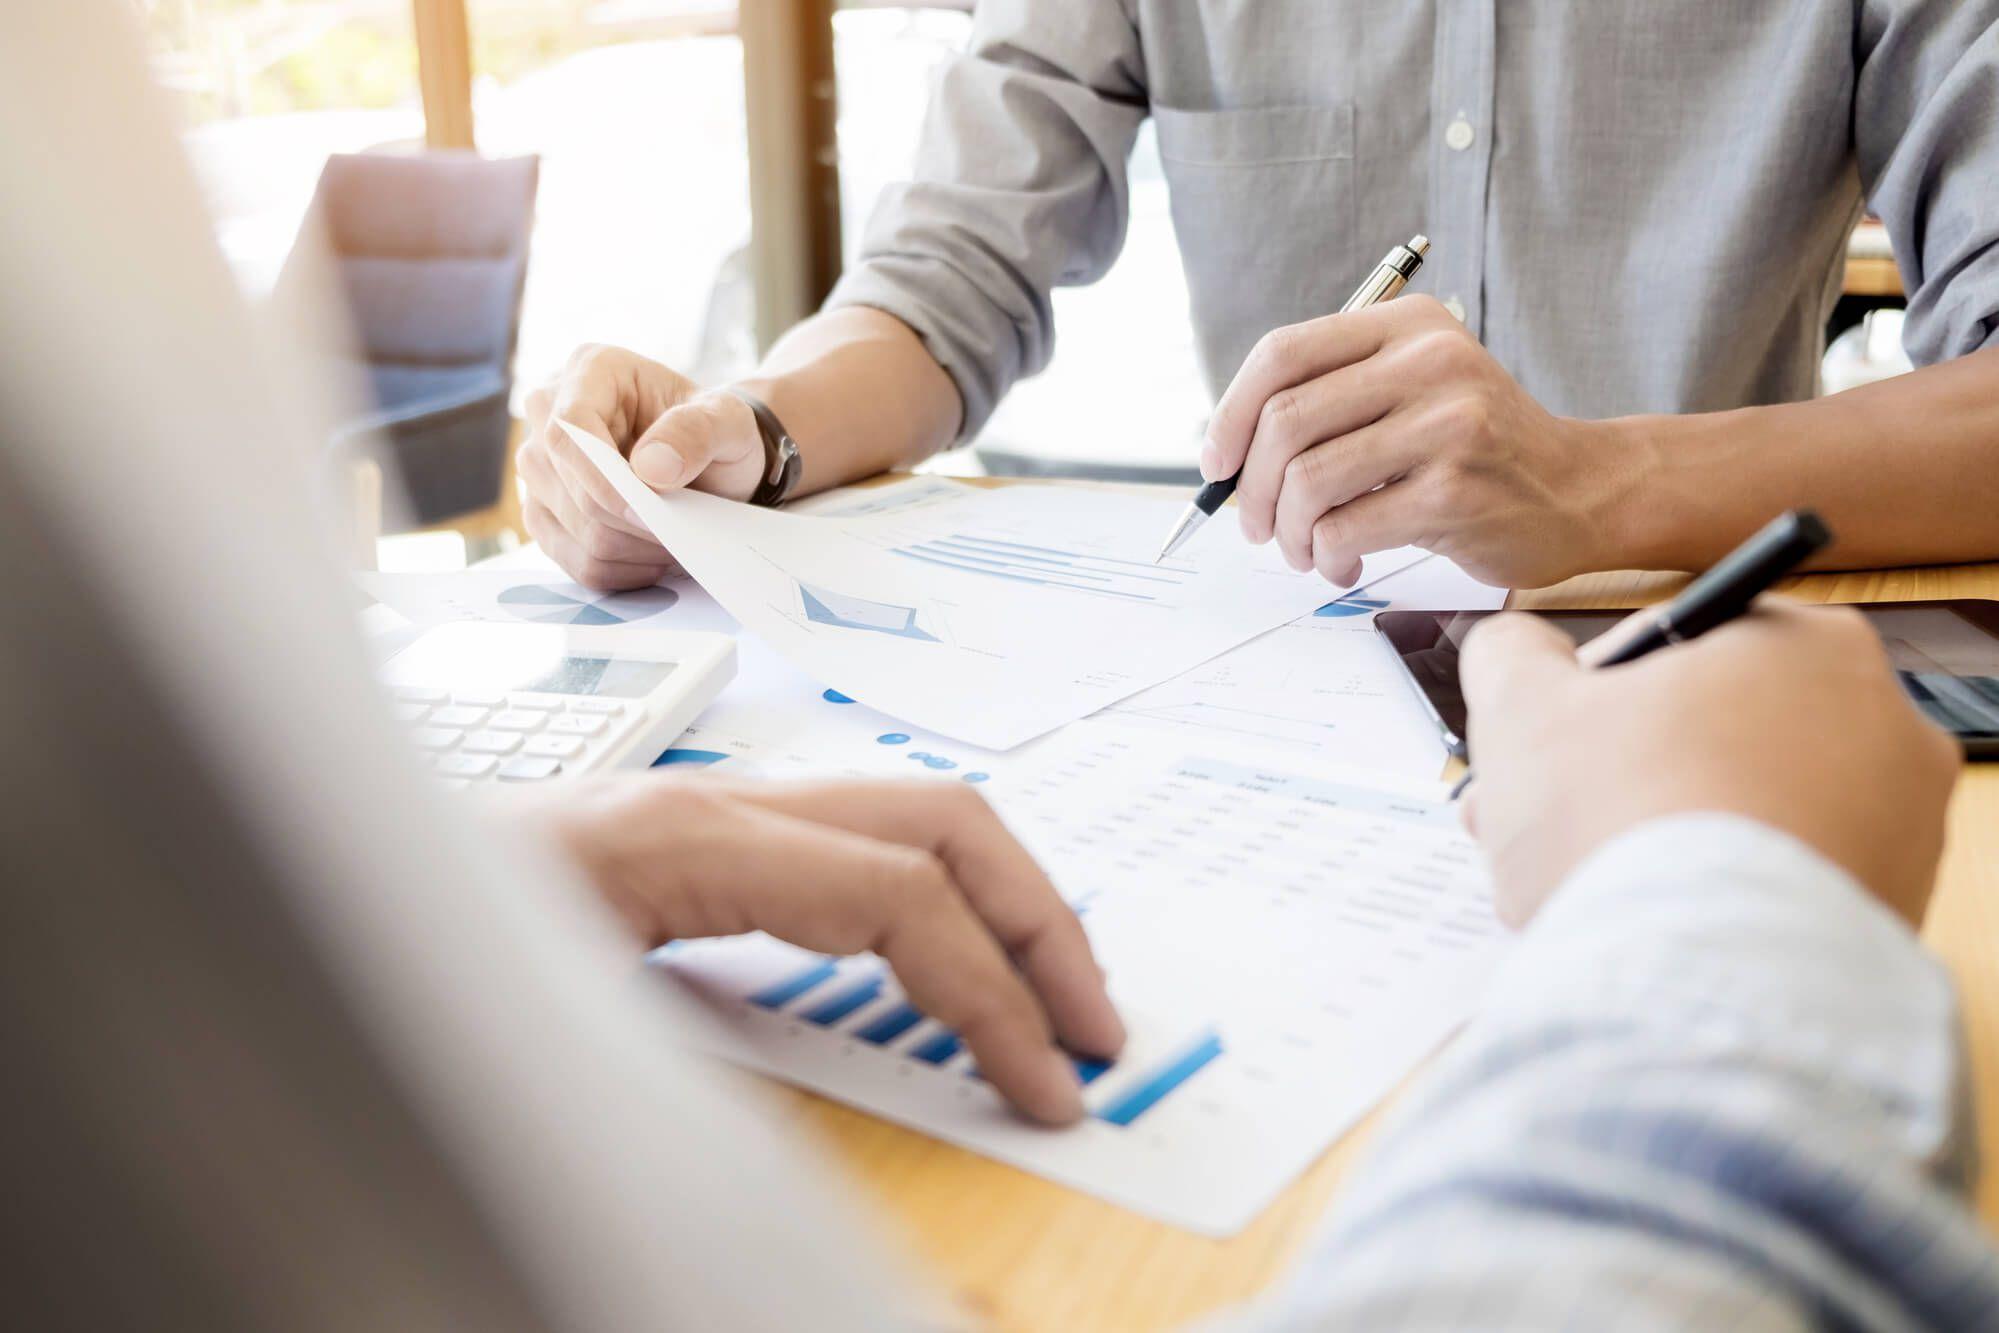 Qual a função de um profissional do departamento financeiro?